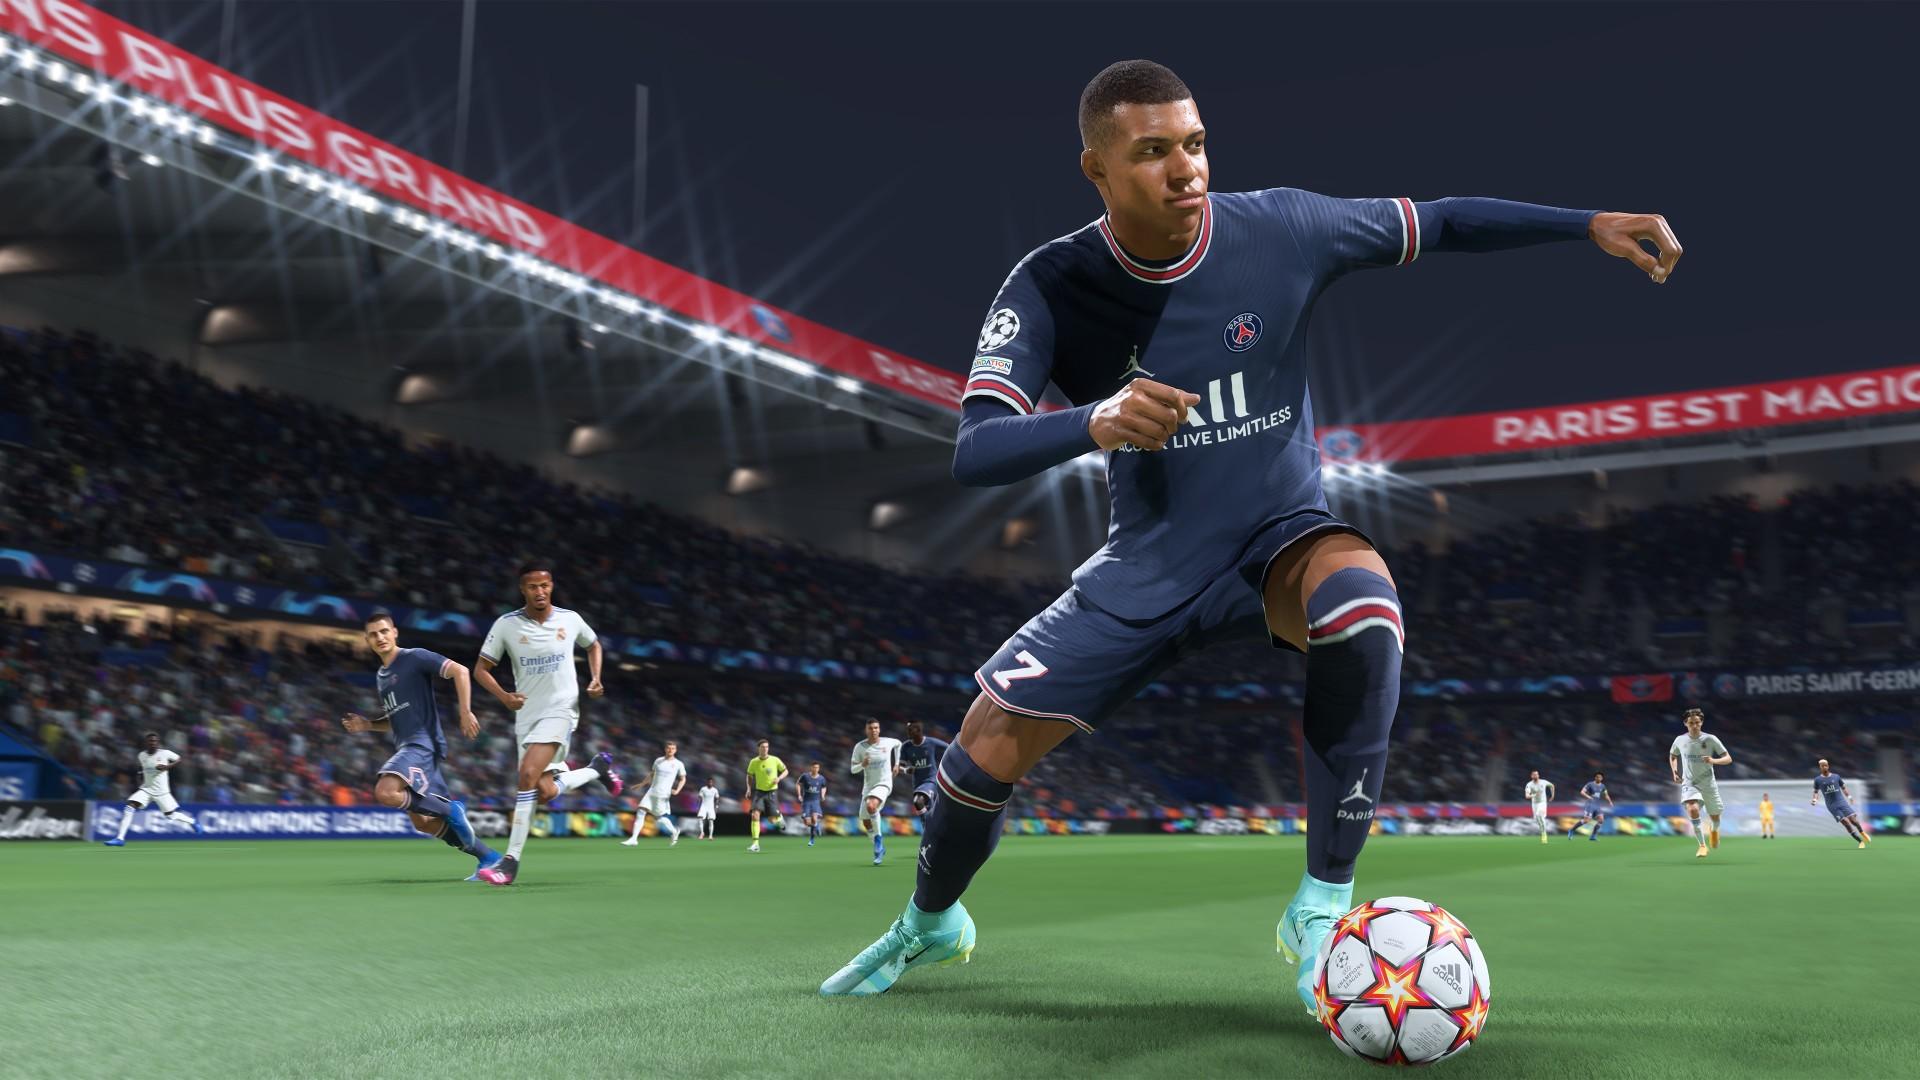 Next Week on Xbox: Neue Spiele vom 27. September bis 1. Oktober: FIFA 22